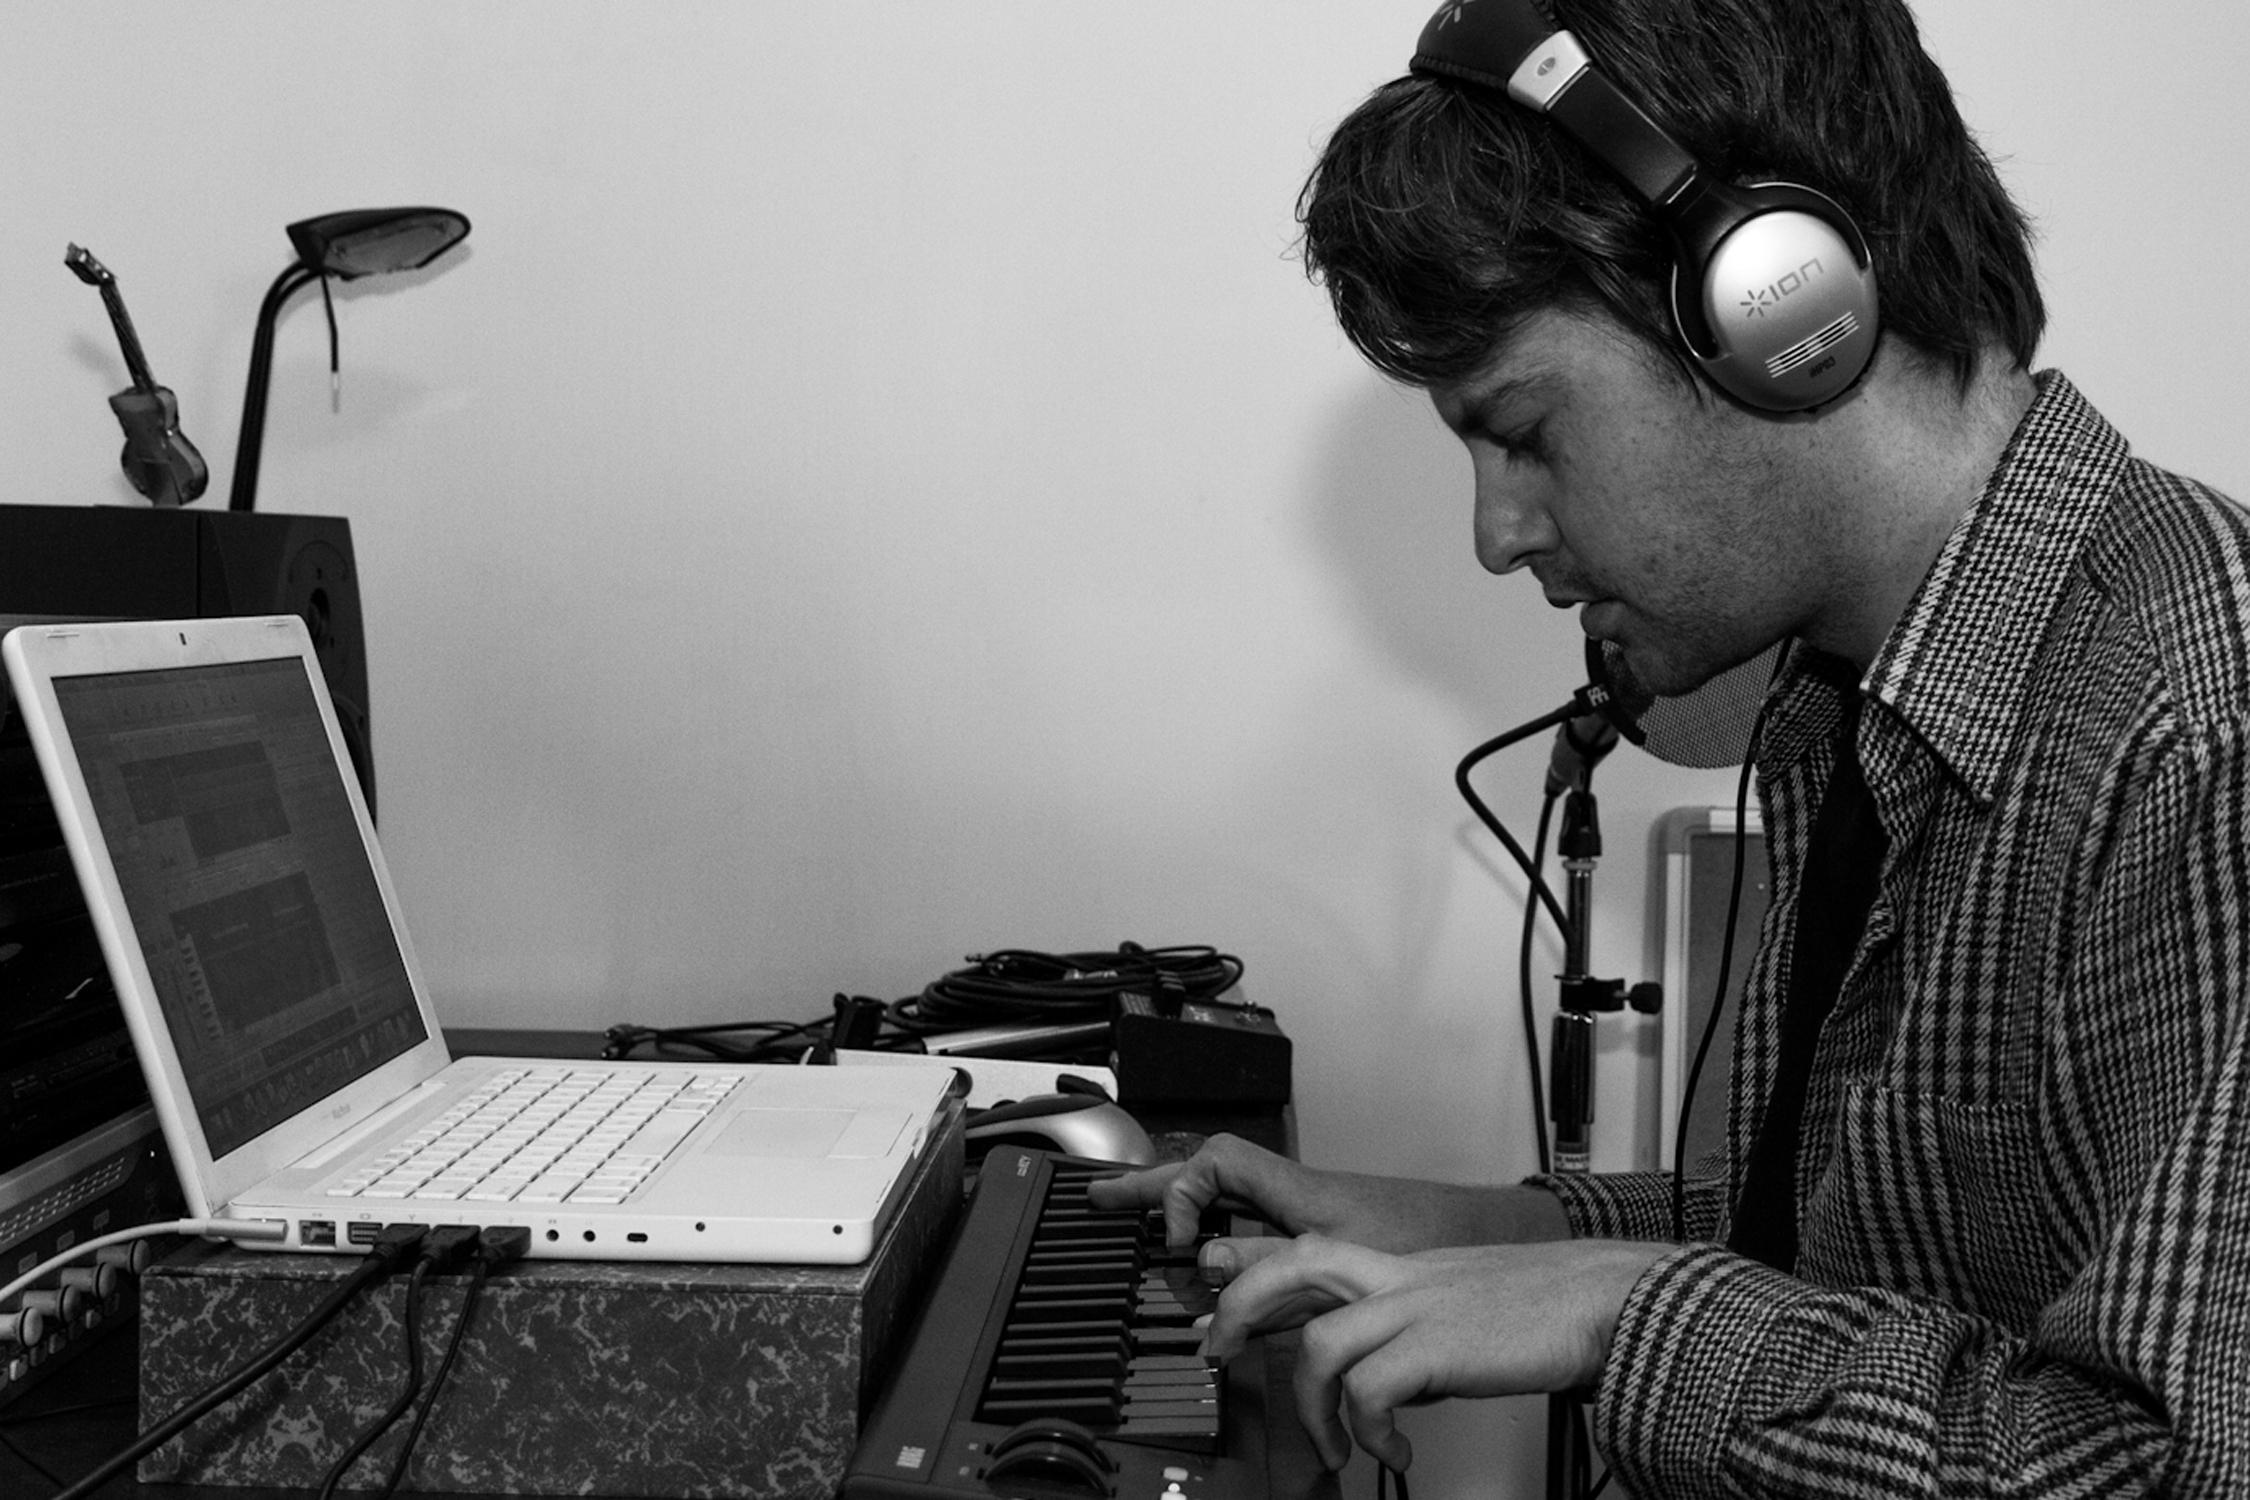 Steve Makes Music